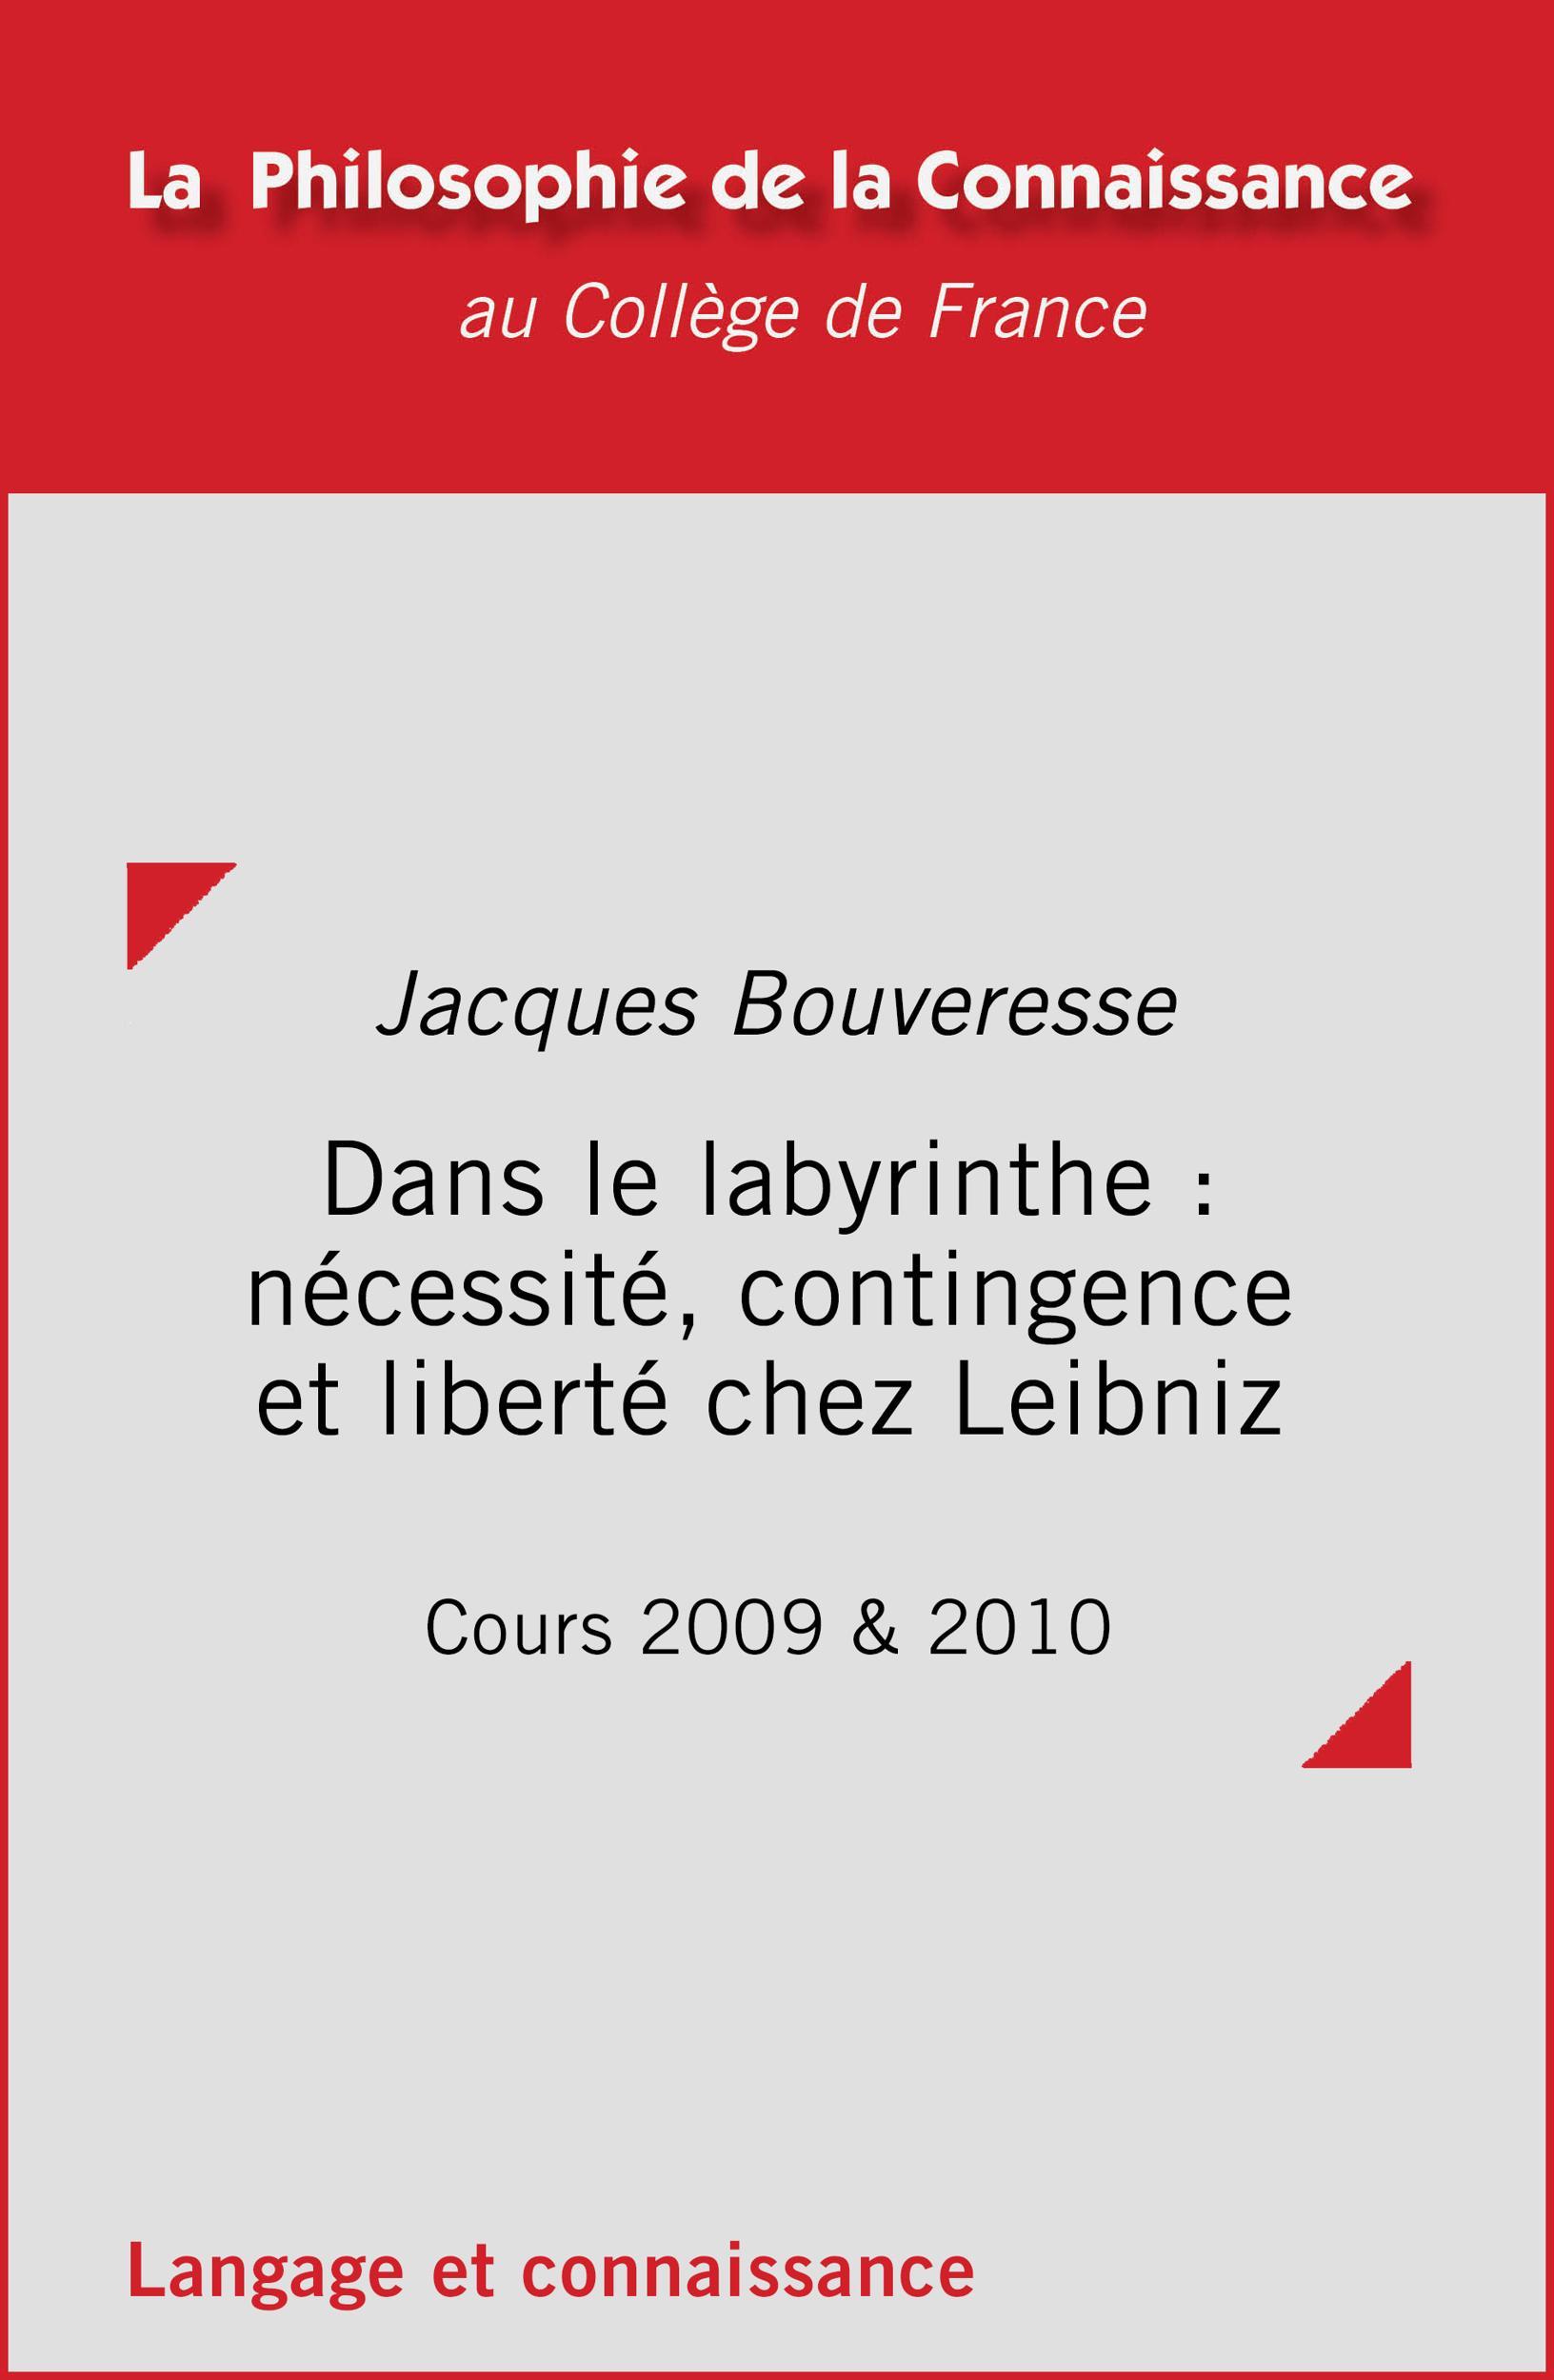 Dans le labyrinthe: nécessité, contingence et liberté chez Leibniz, COURS 2009 ET 2010